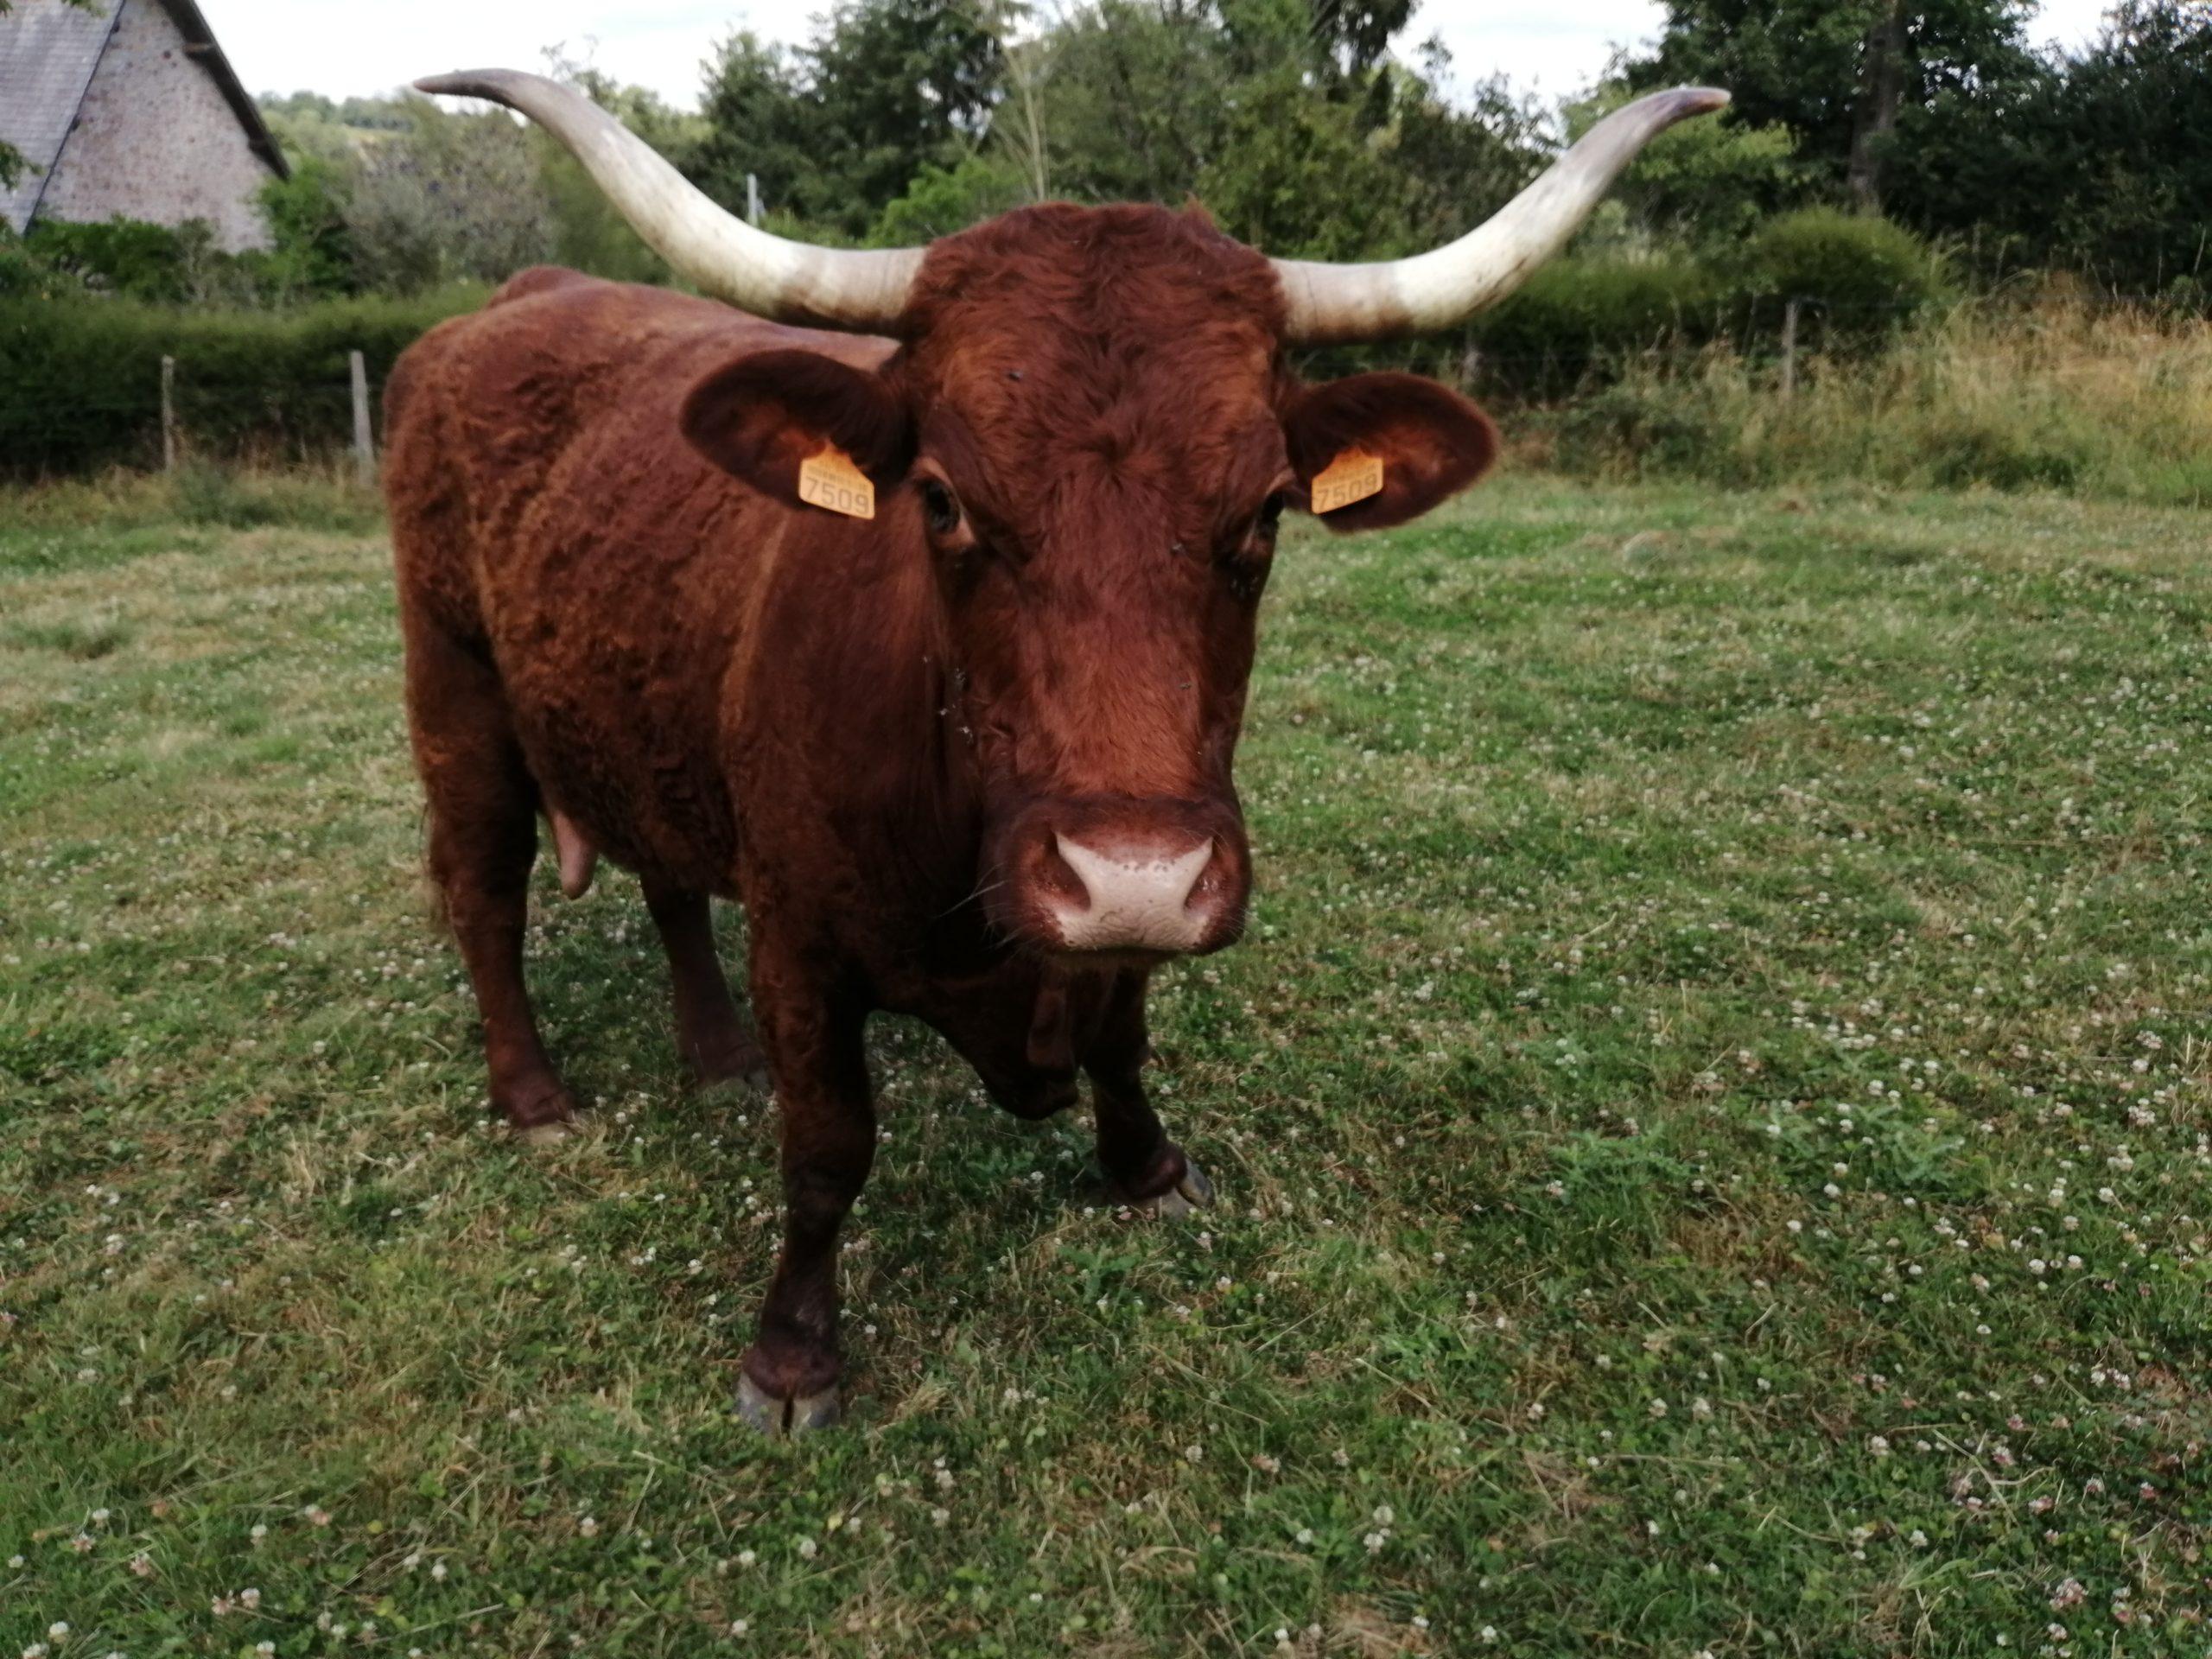 Vache salers vue de face - corne - Chailland - 53 - Tracabilité - muscle